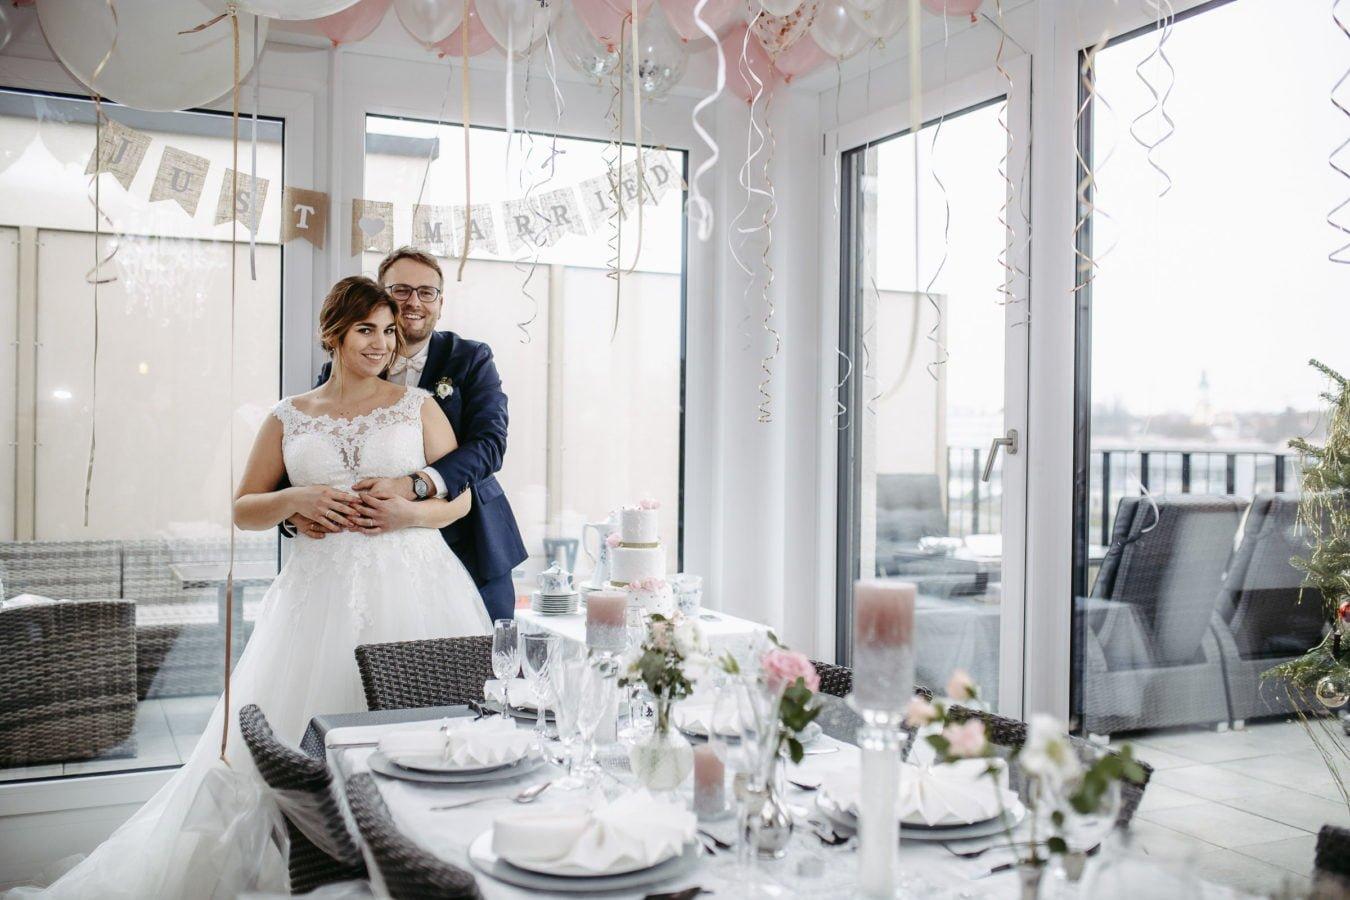 Hochzeitsglossar - Hochzeitslexikon - Buchstabe A 2